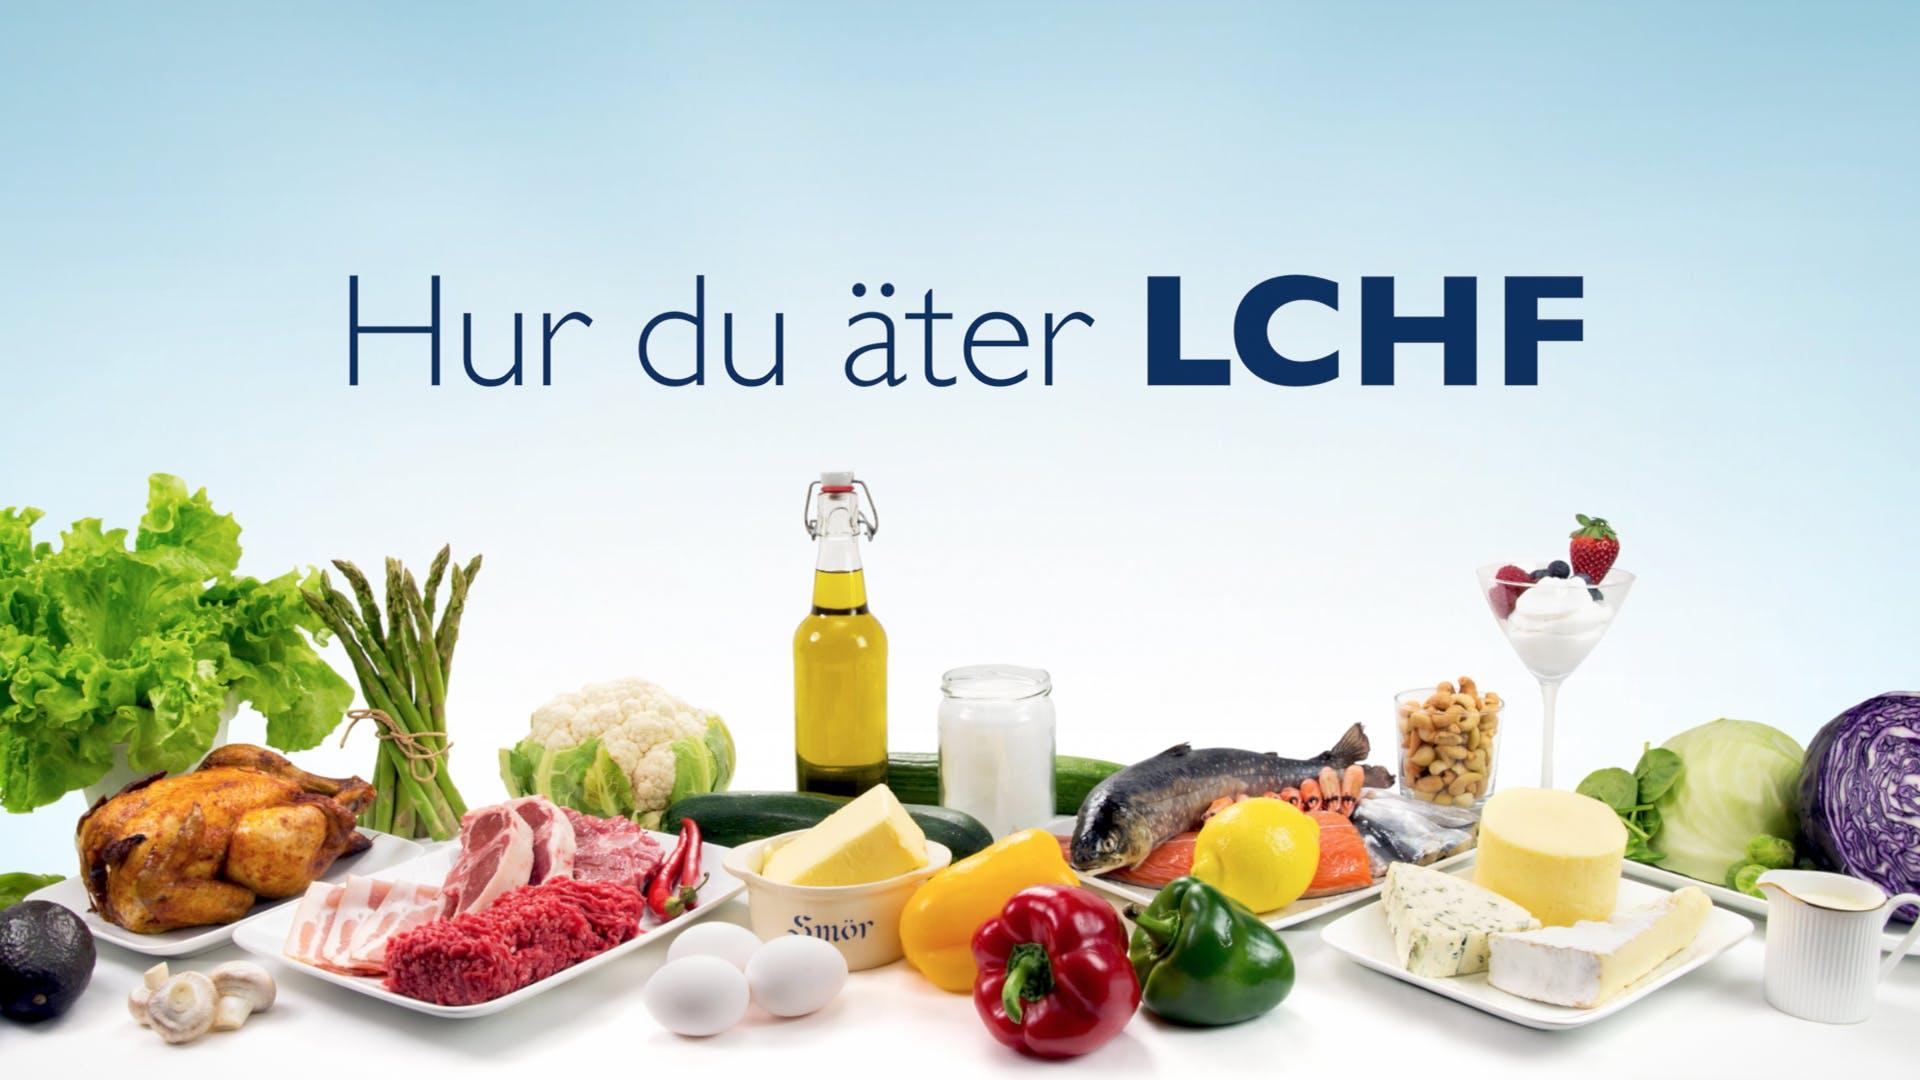 Hur du äter LCHF